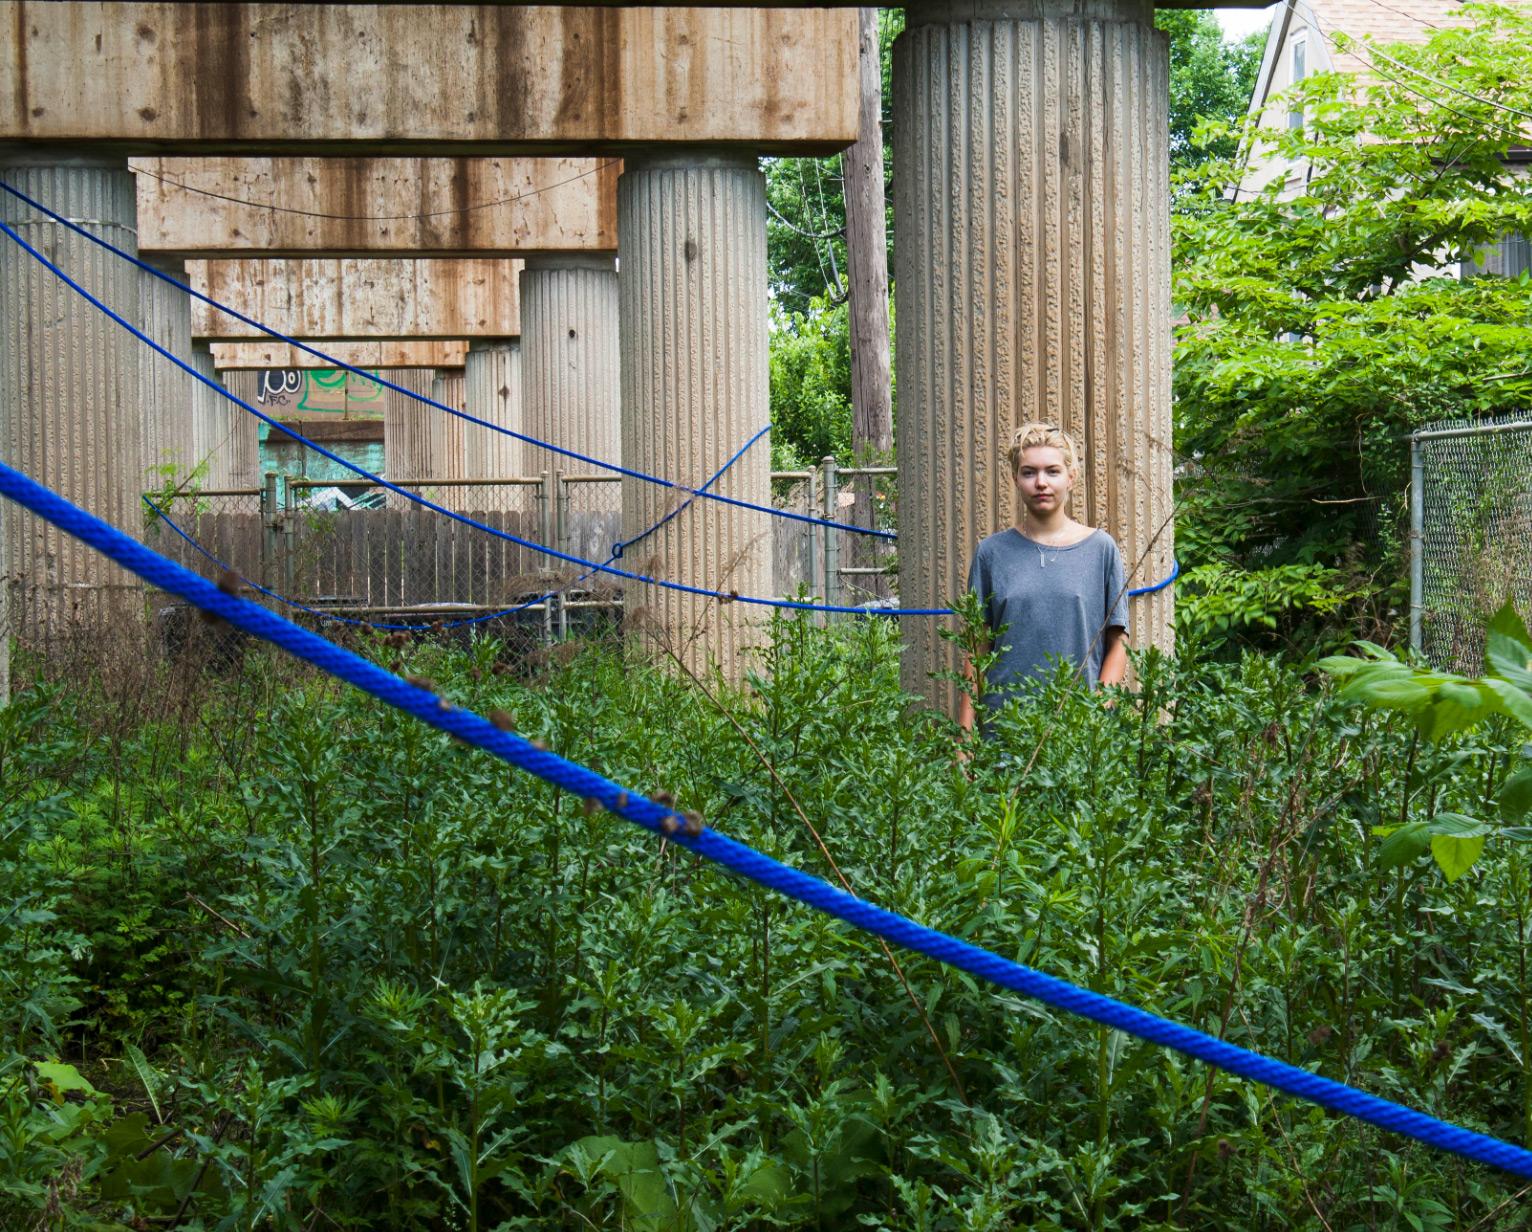 Jacqueline-Surdell-Artist-Installation-Urban-Contours-01.jpg